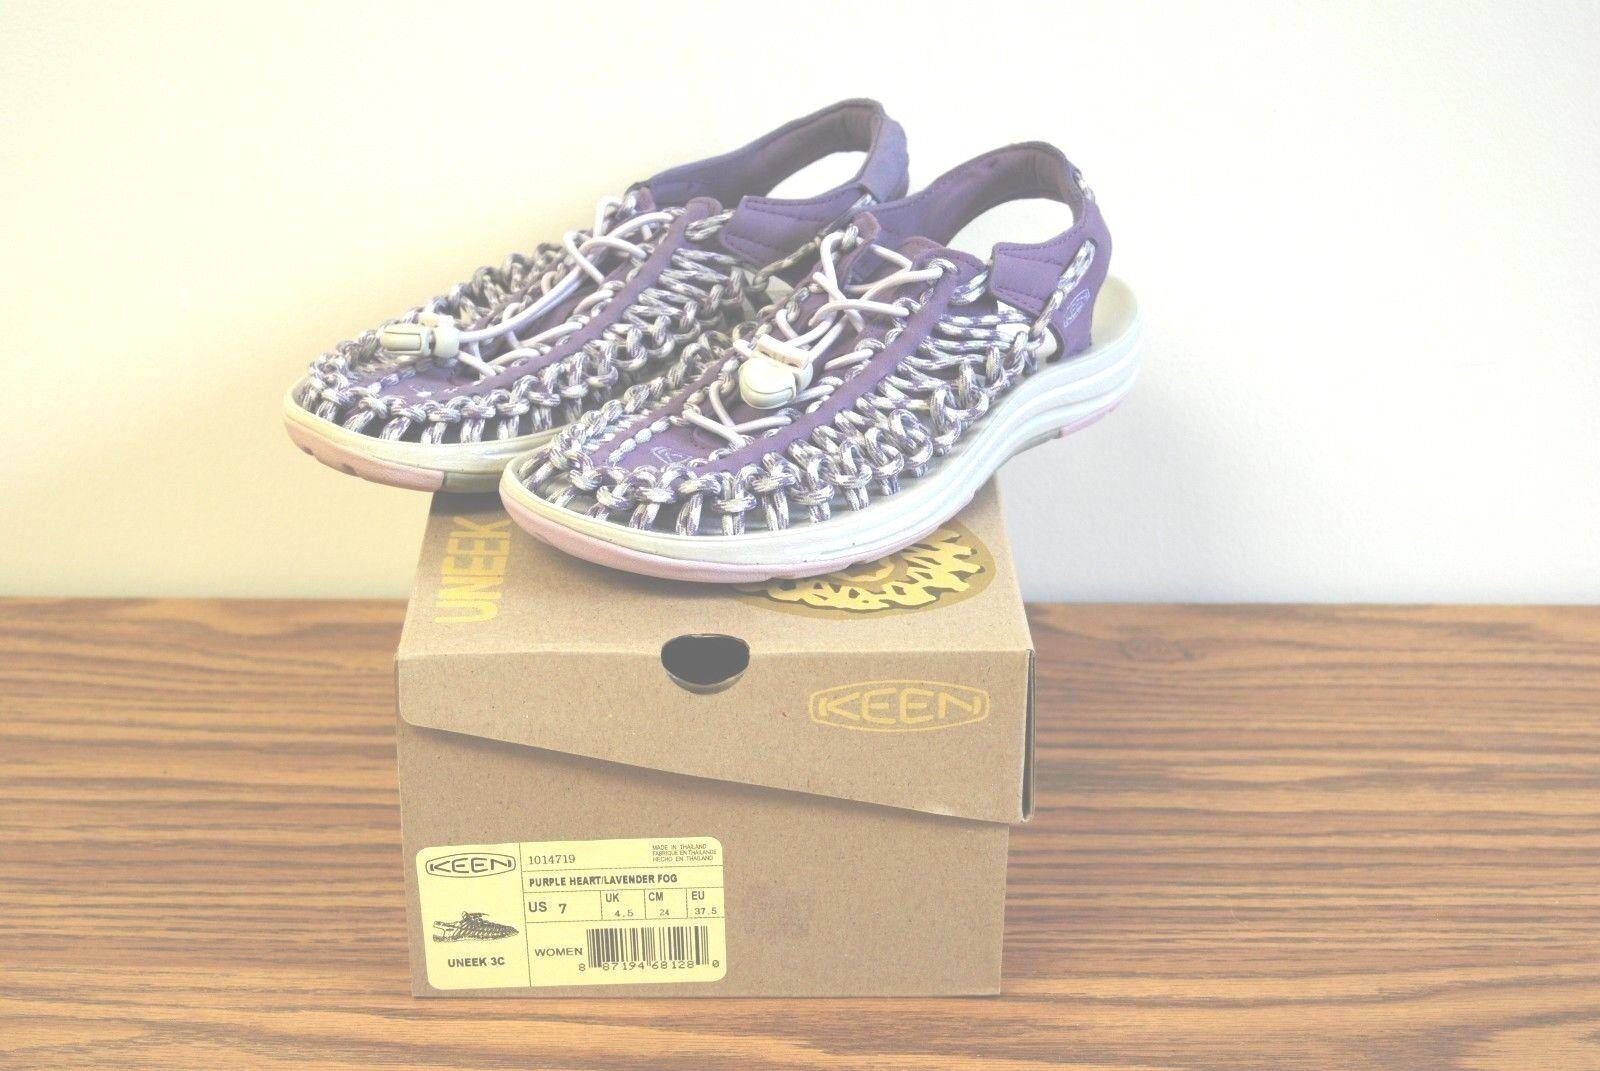 KEEN Size Women's Uneek 3C Sandals, Size KEEN 7, Purple Heart/Lavender Fog, New 564a1c